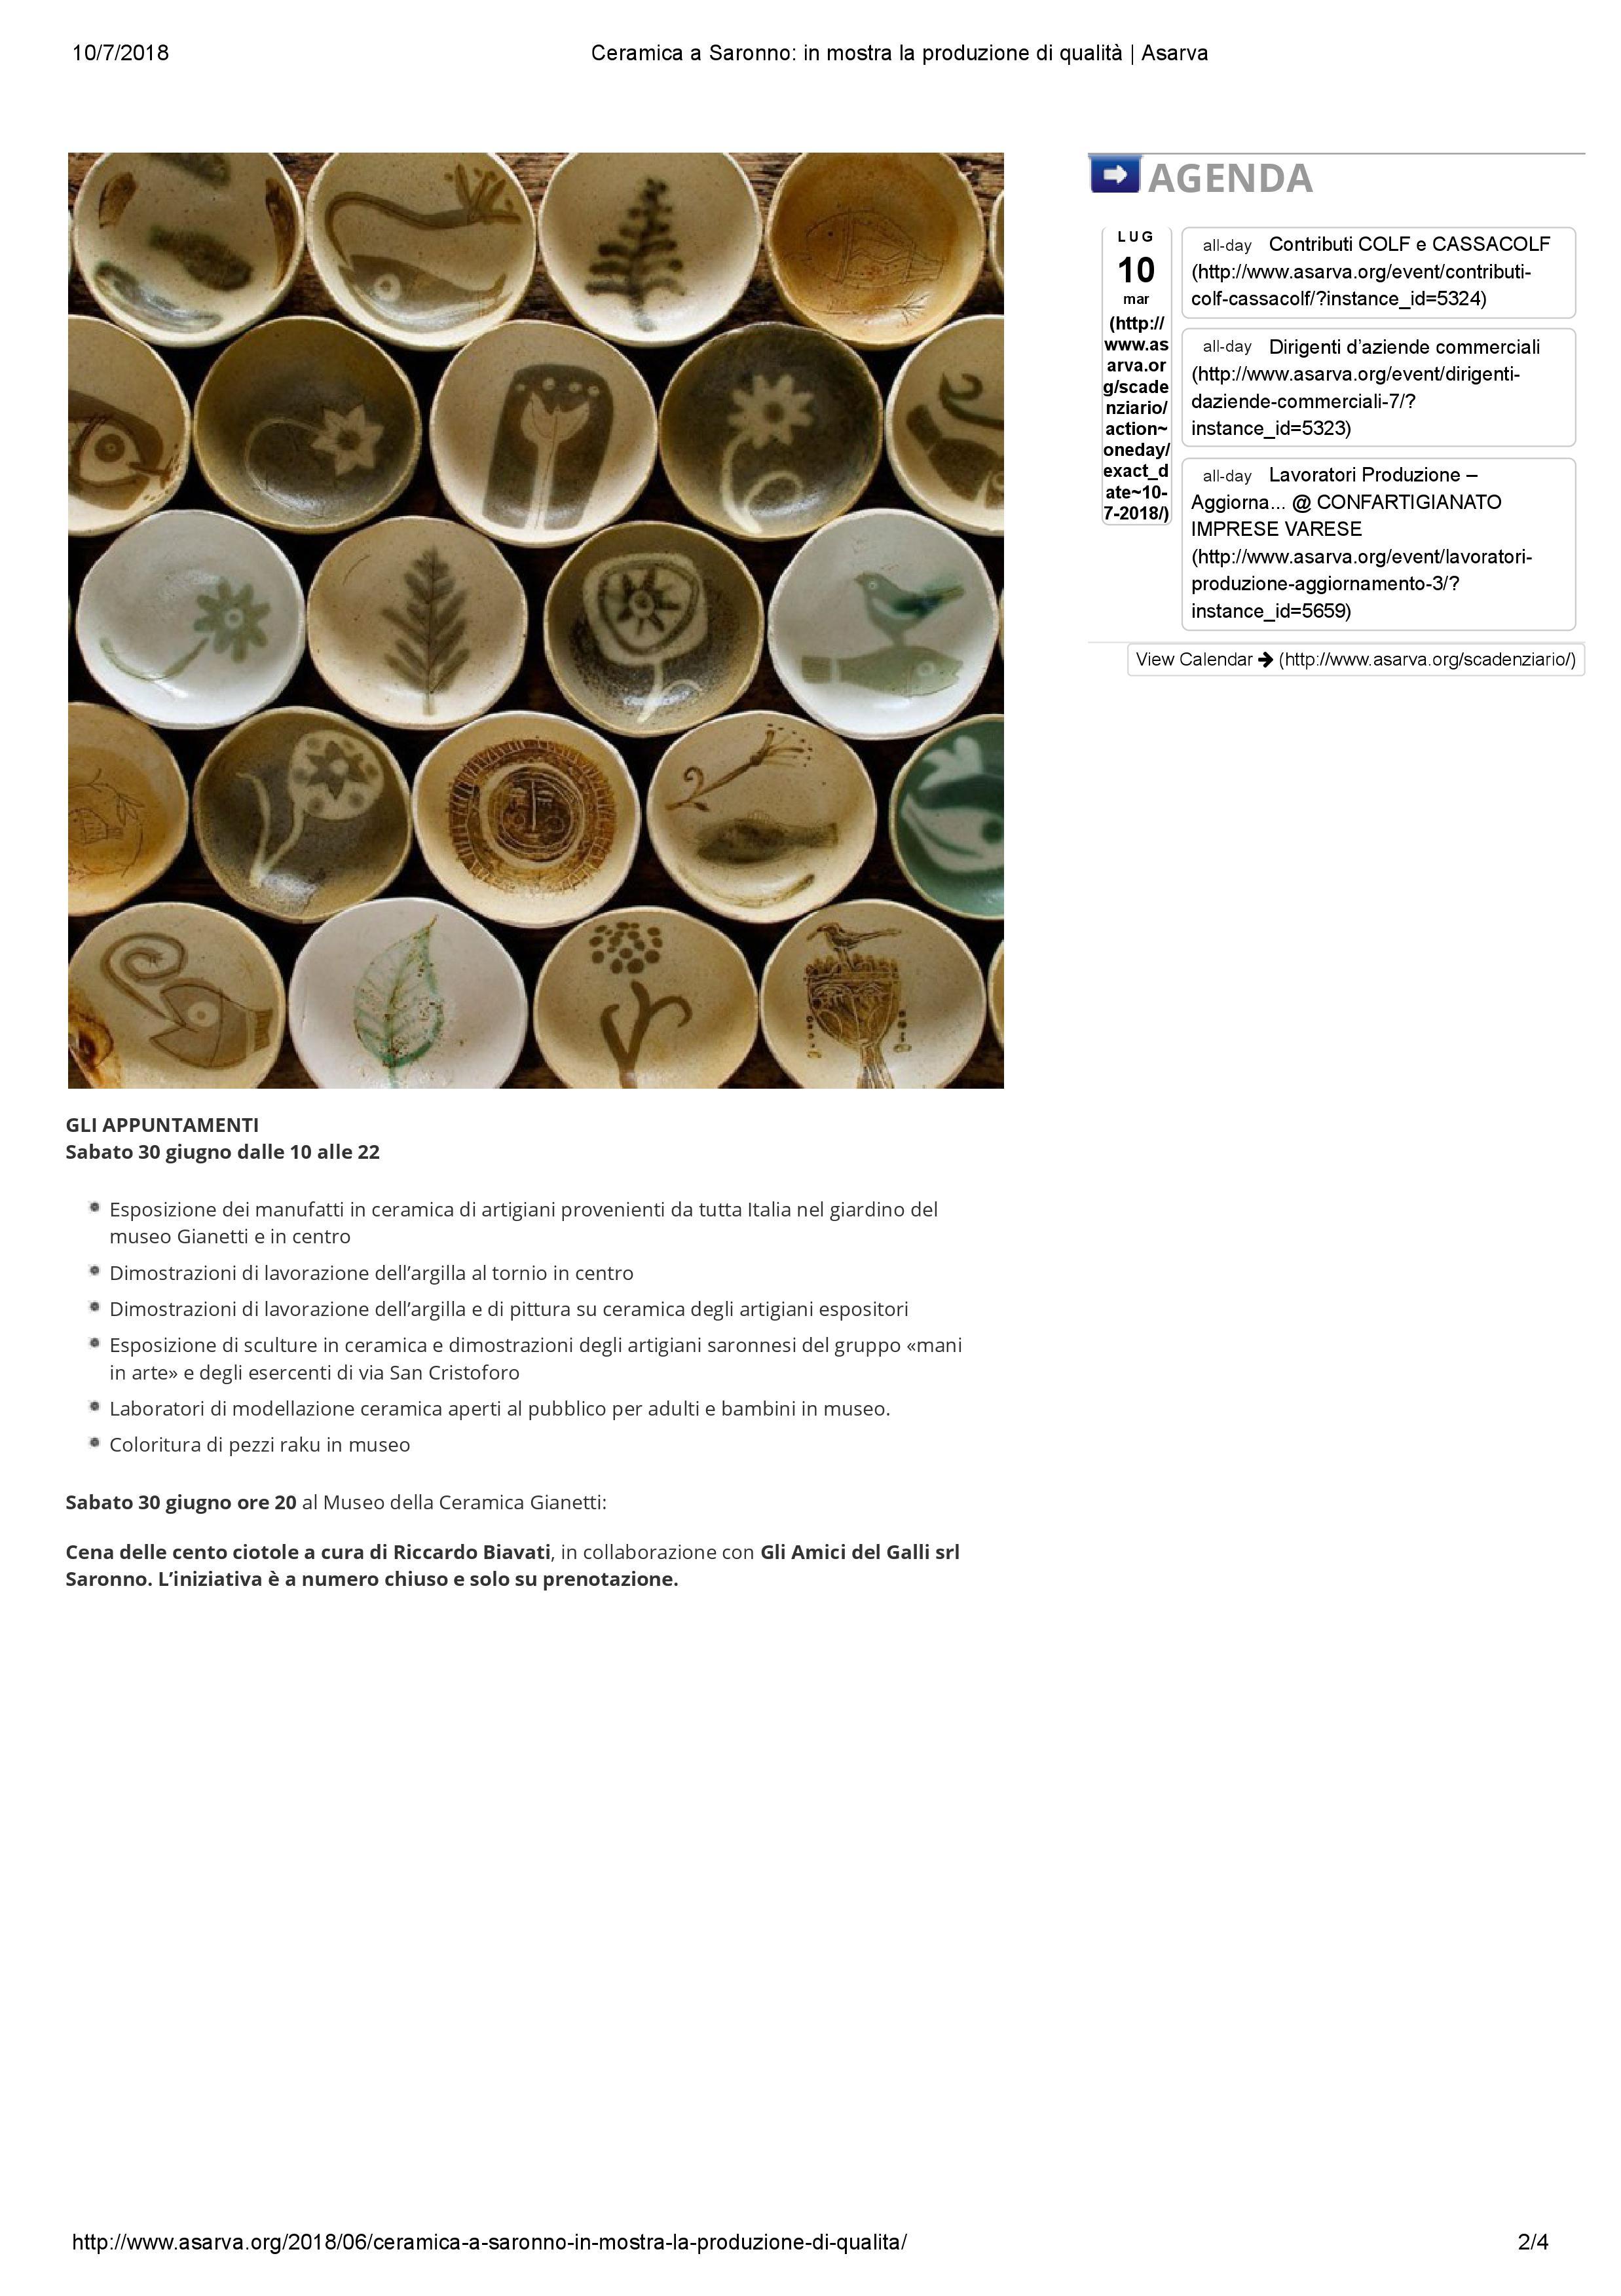 Asarva_confartigianato_Ceramica a Saronno_ in mostra la produzione di qualità